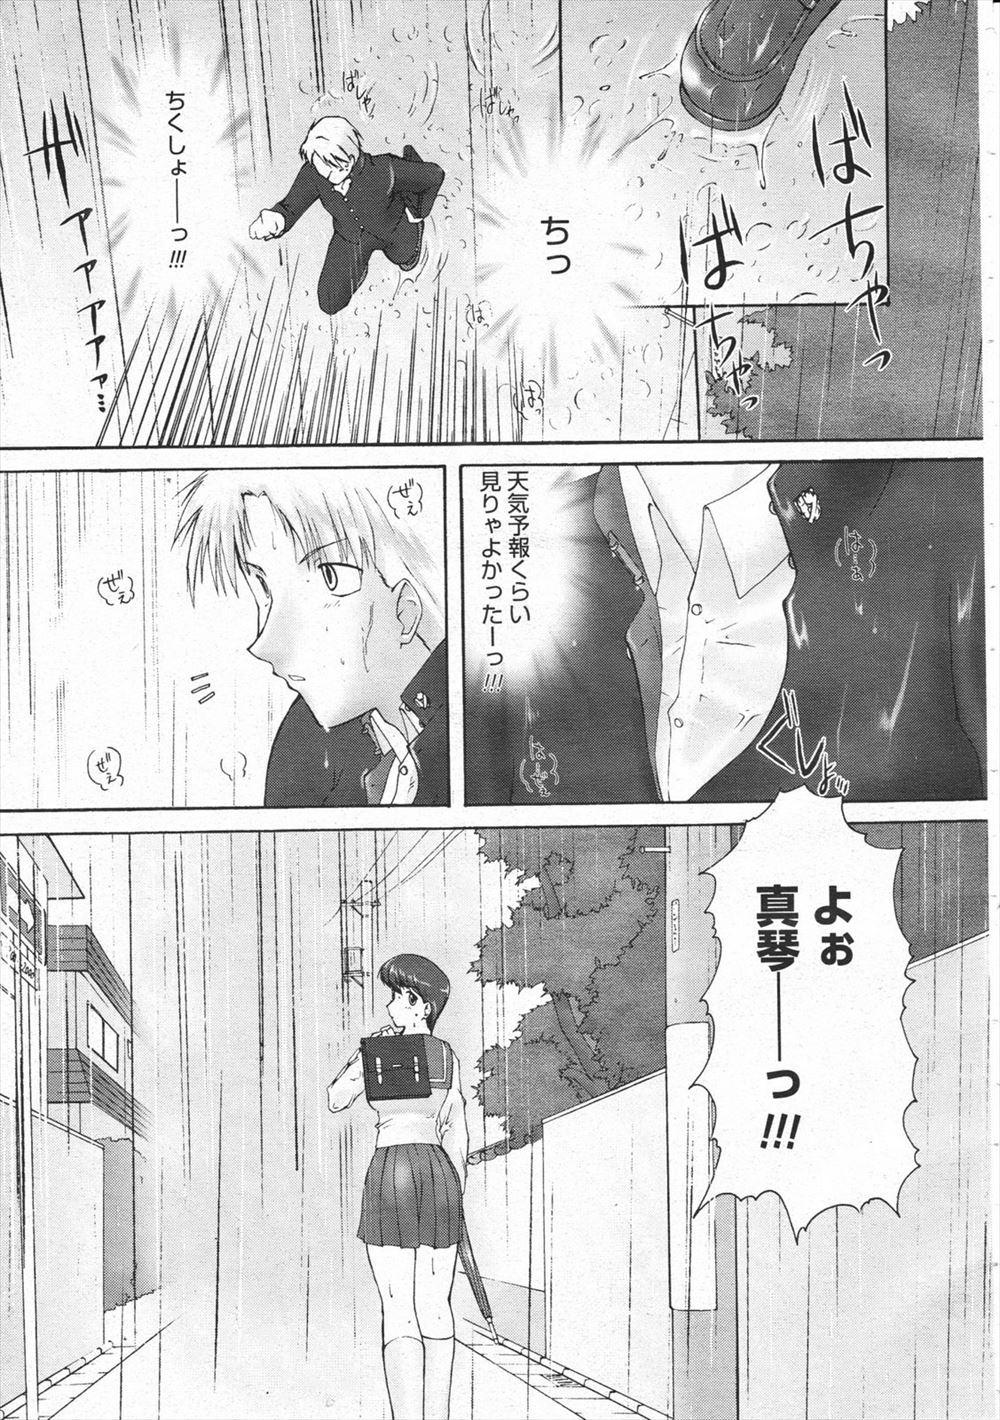 【エロ漫画】雨に濡れるのが好きな男っぽい幼馴染のことを心配すると、彼女とエッチな雰囲気に♪【無料 エロ漫画】